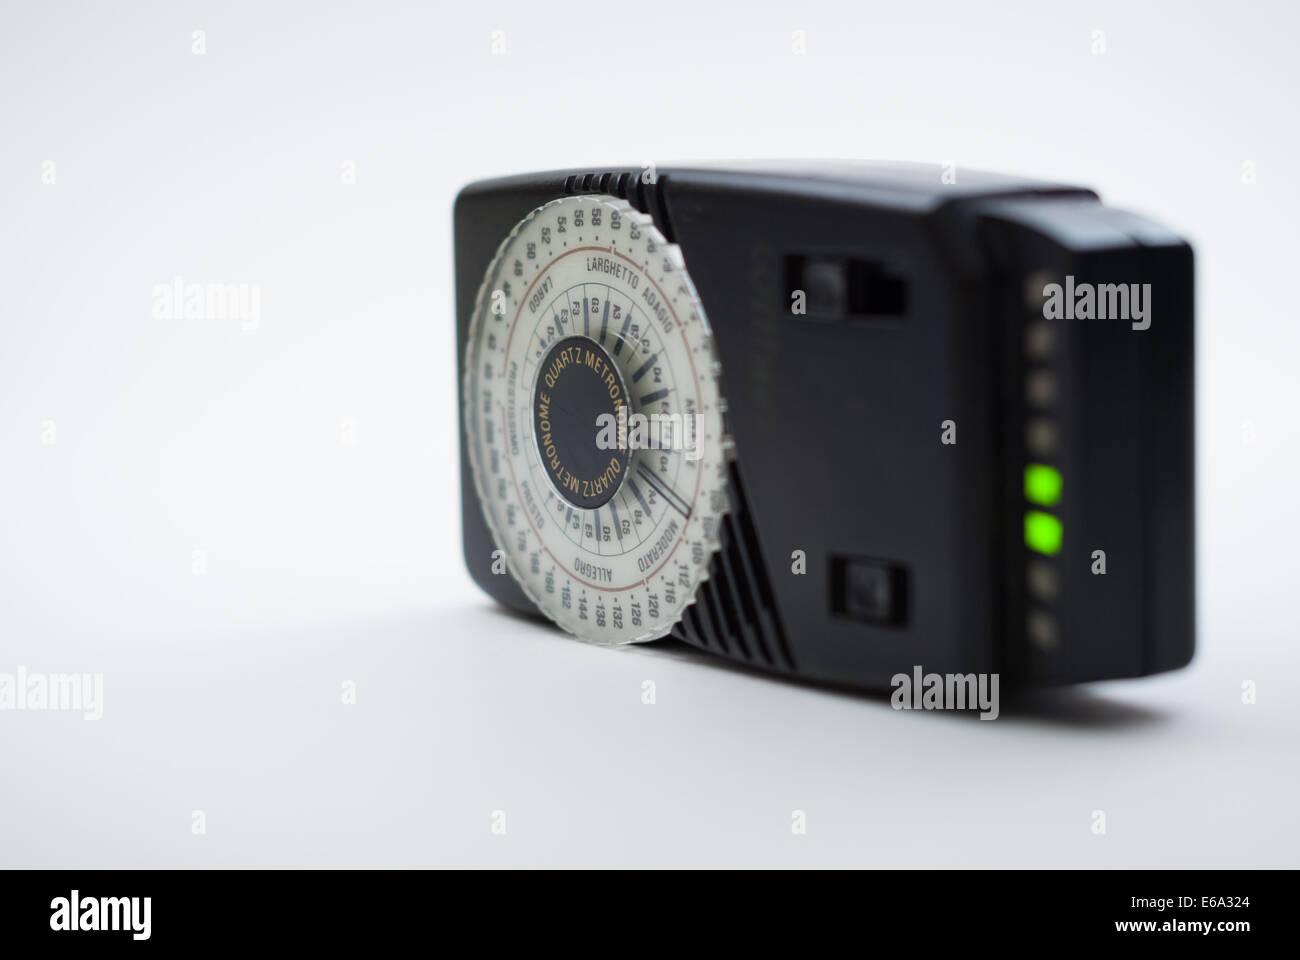 Electronic metronome, Wittner model, isolated on white background (studio shot) - Stock Image